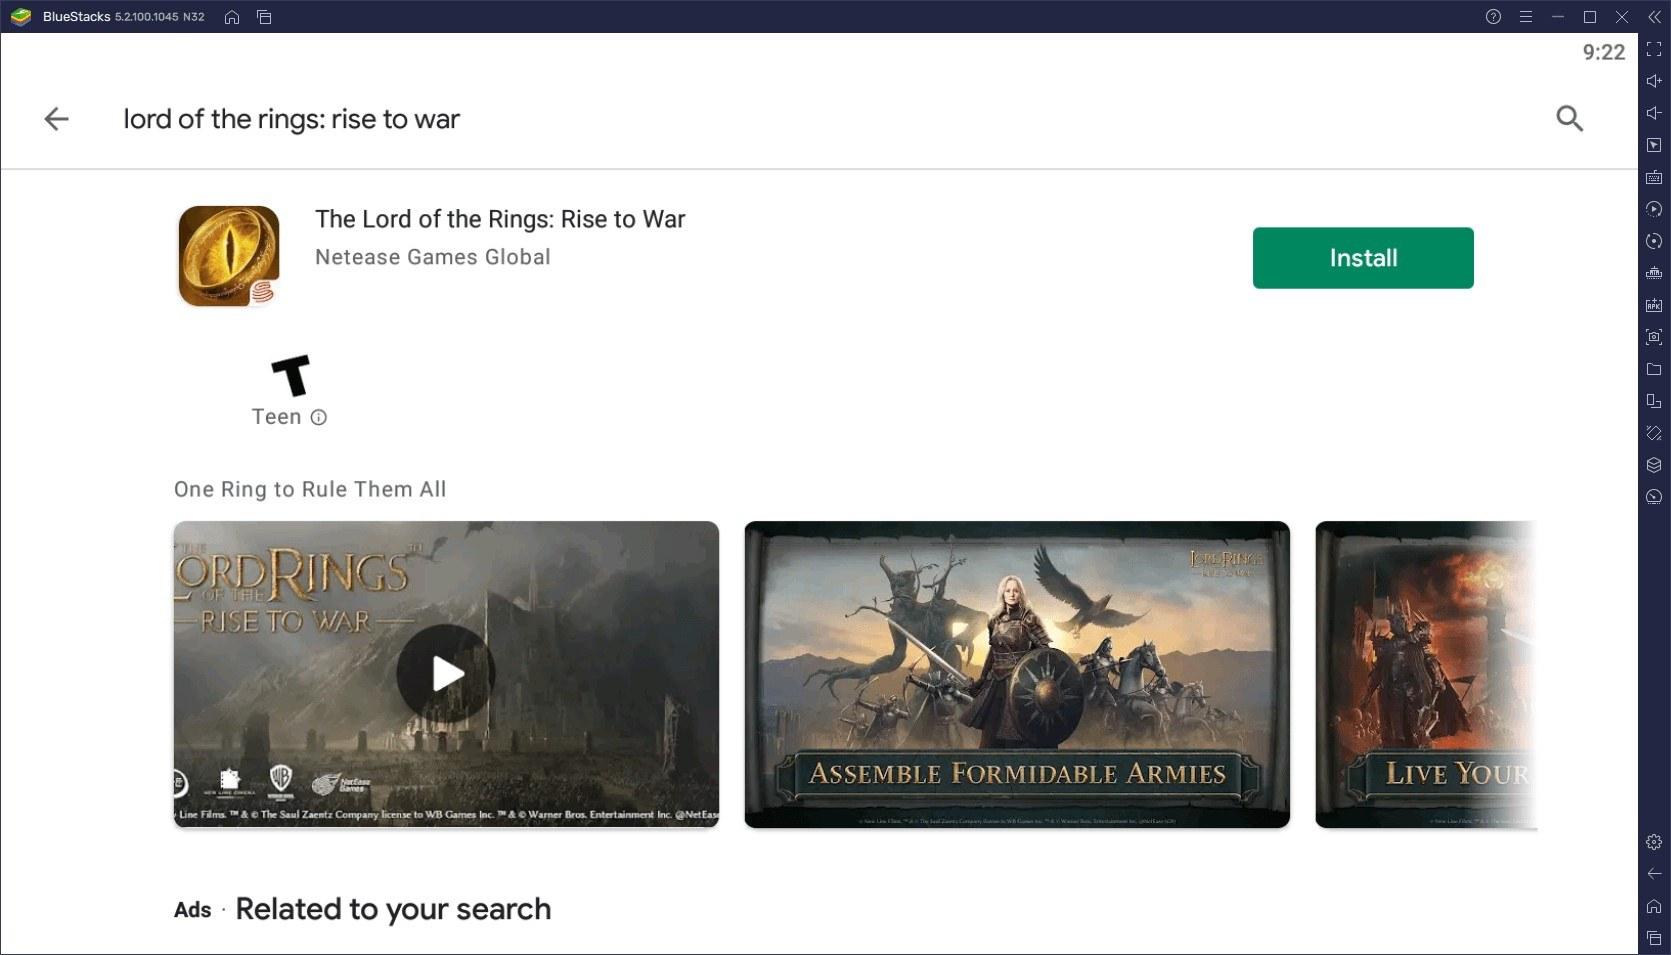 كيف تلعب لعبة Lord of the Rings: Rise War على جهاز الكمبيوتر باستخدام BlueStacks